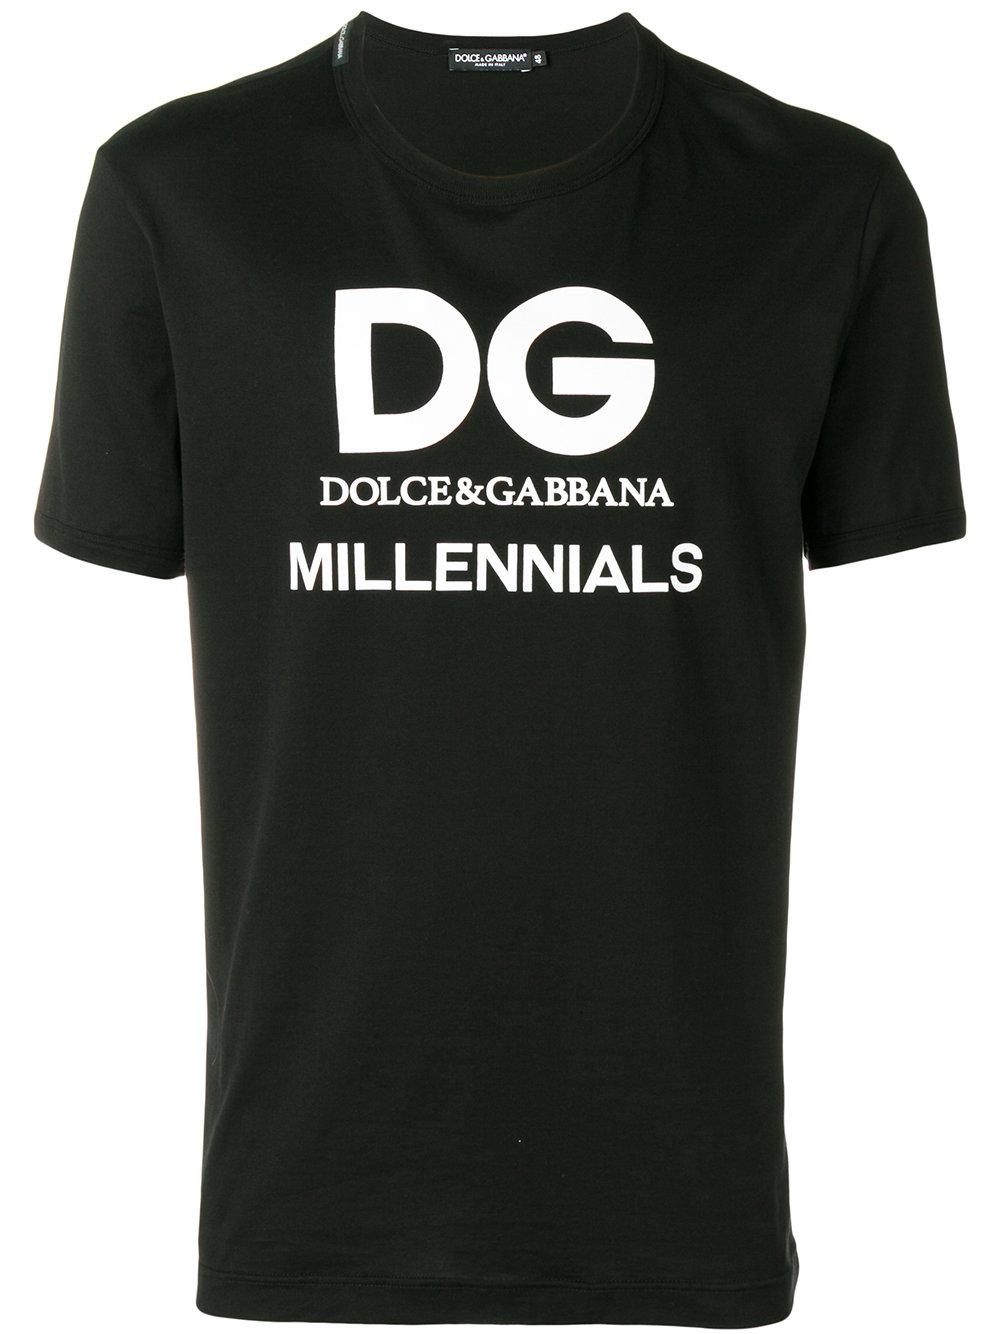 Dolce & Gabbana   Short Sleeve Millennials Tee